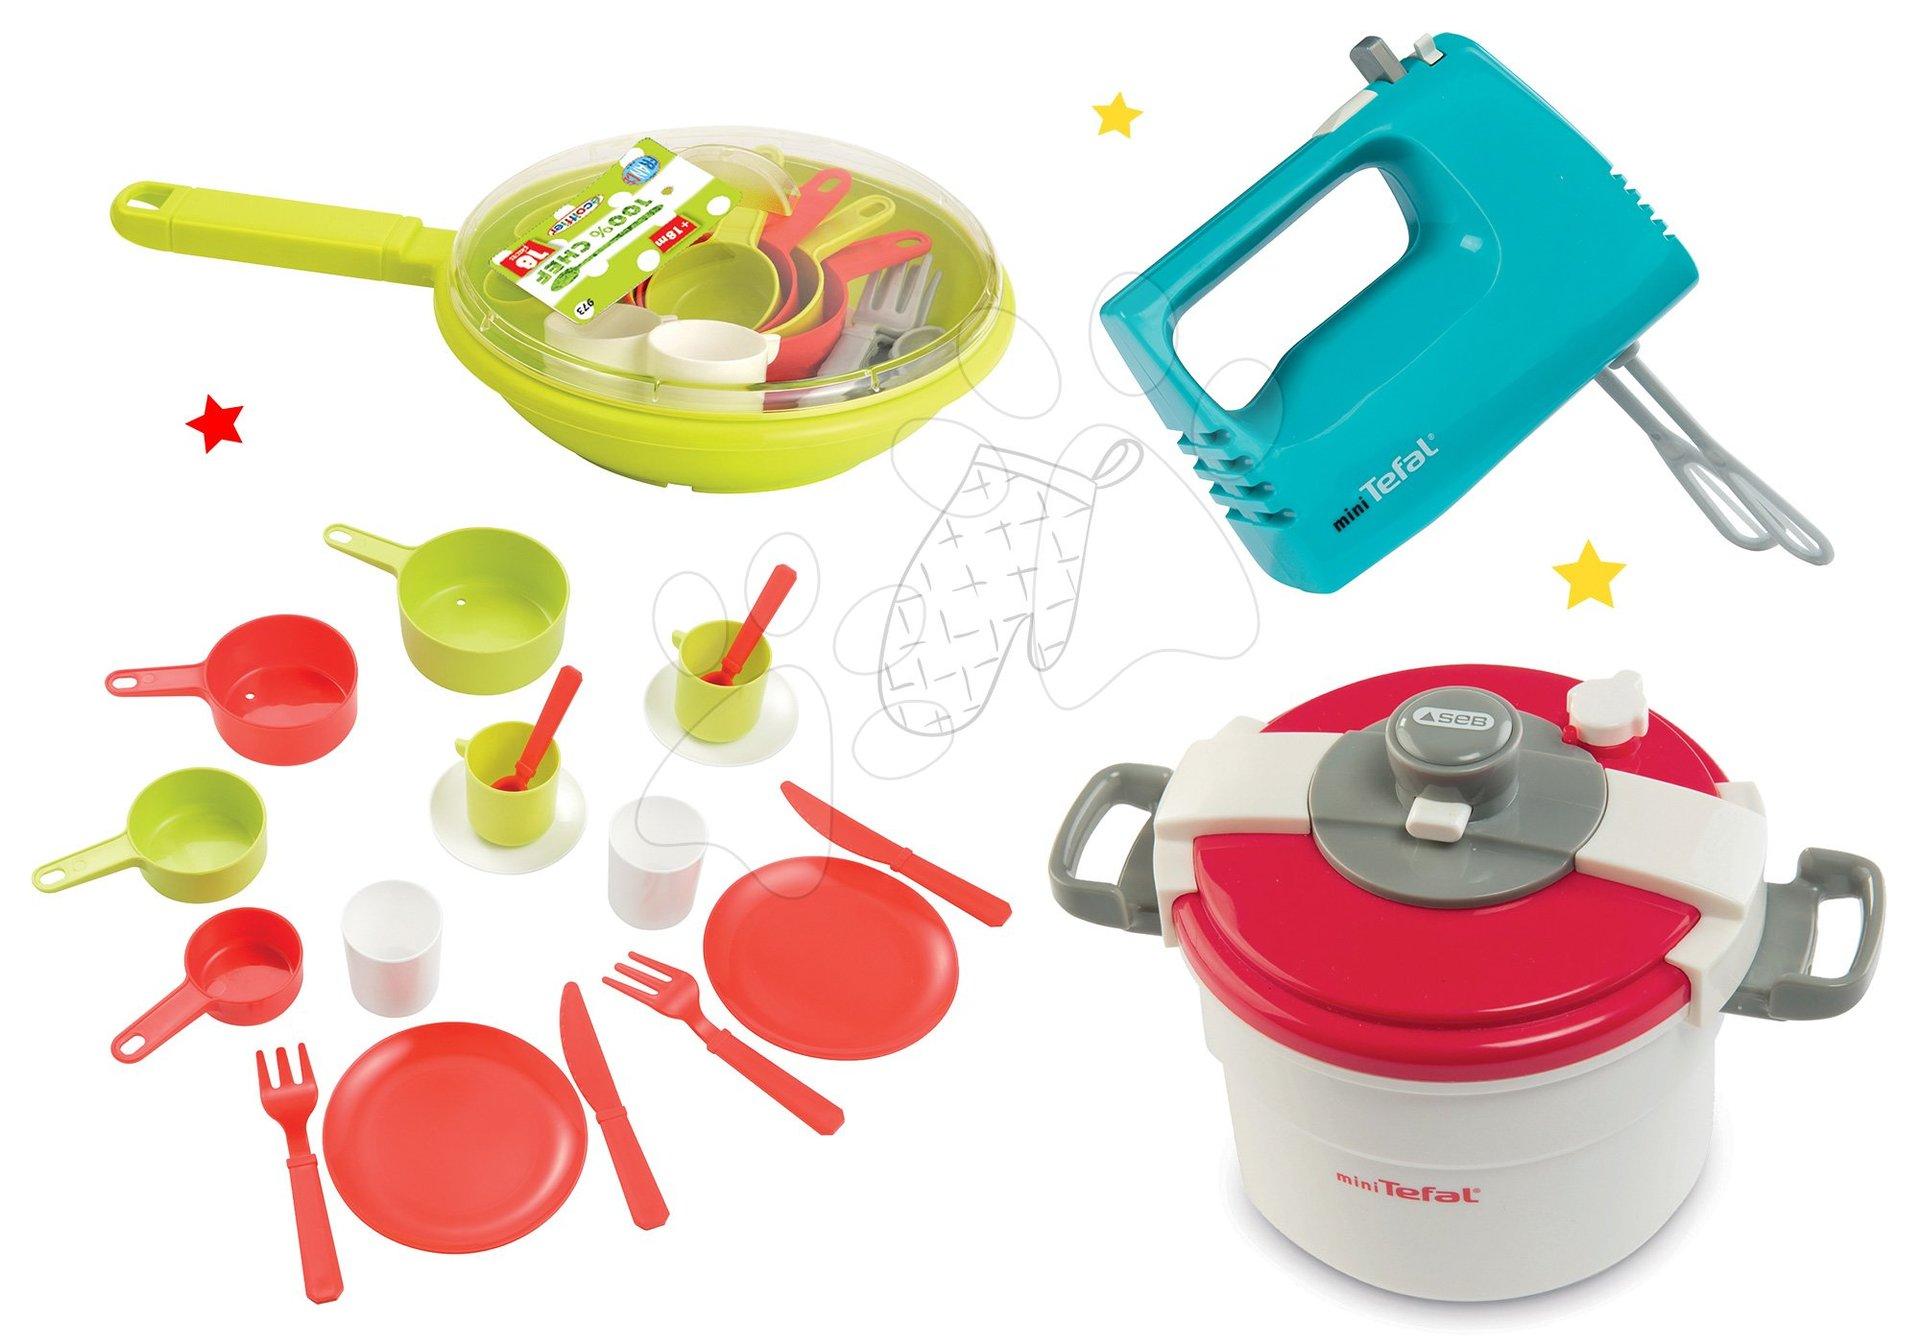 Spotrebiče do kuchynky - Set tlakový hrniec Mini Tefal Smoby ručný mixér Tefal s metličkami a panvica s riadom